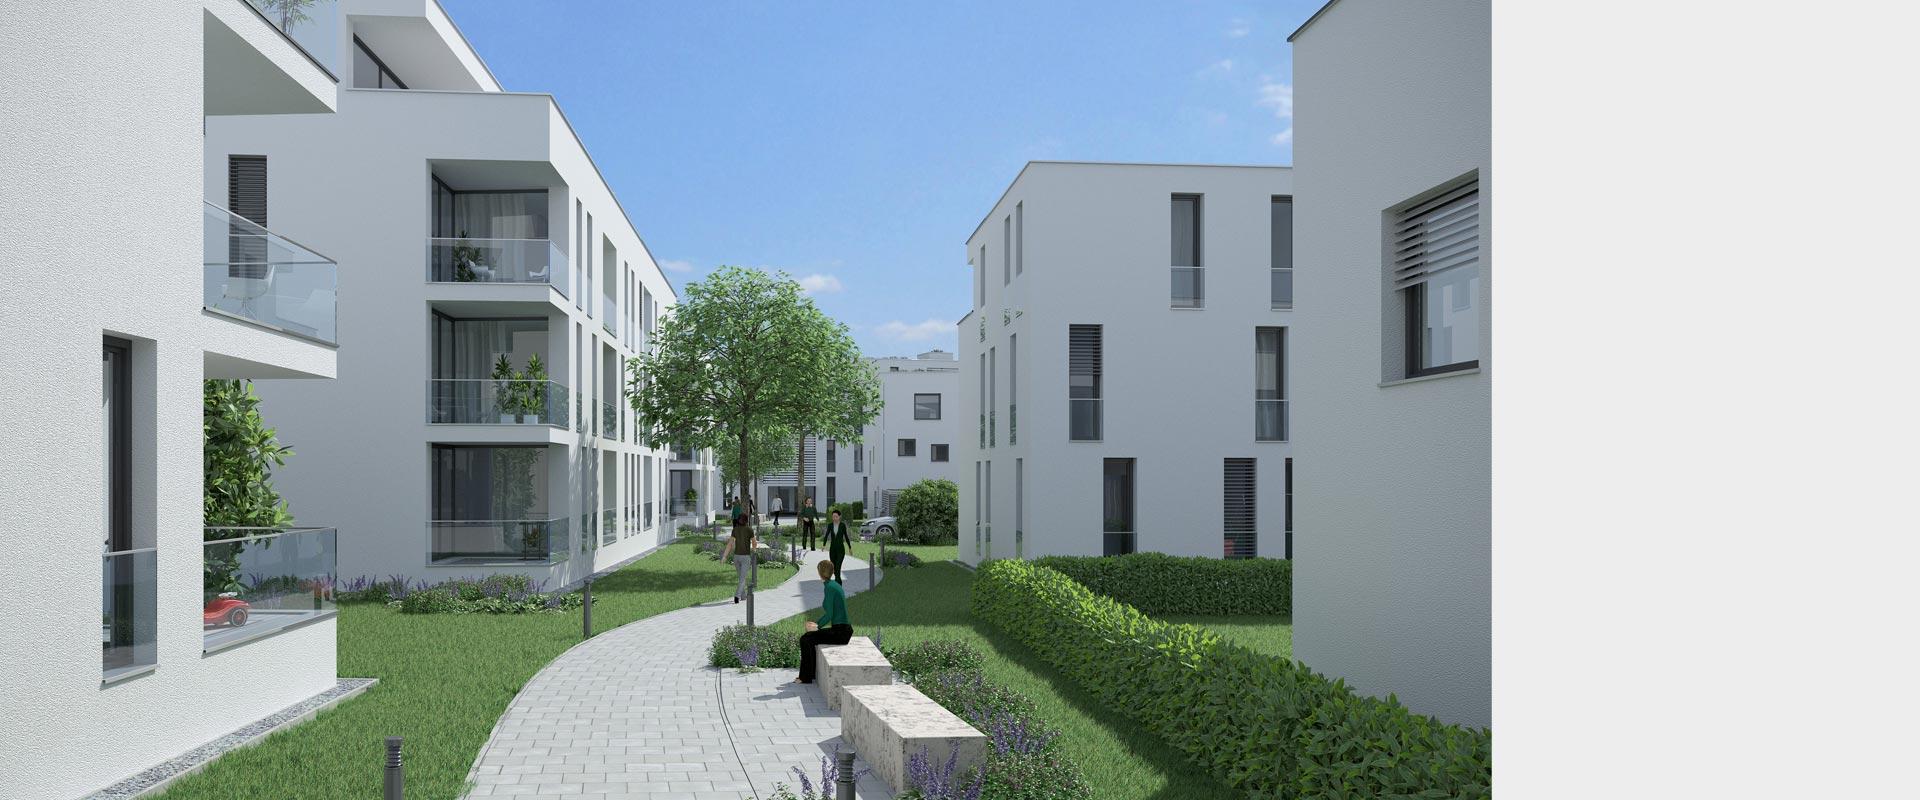 Architekturbüro Musahl Waldshut Wohnanlage Riedpark in Lauchringen